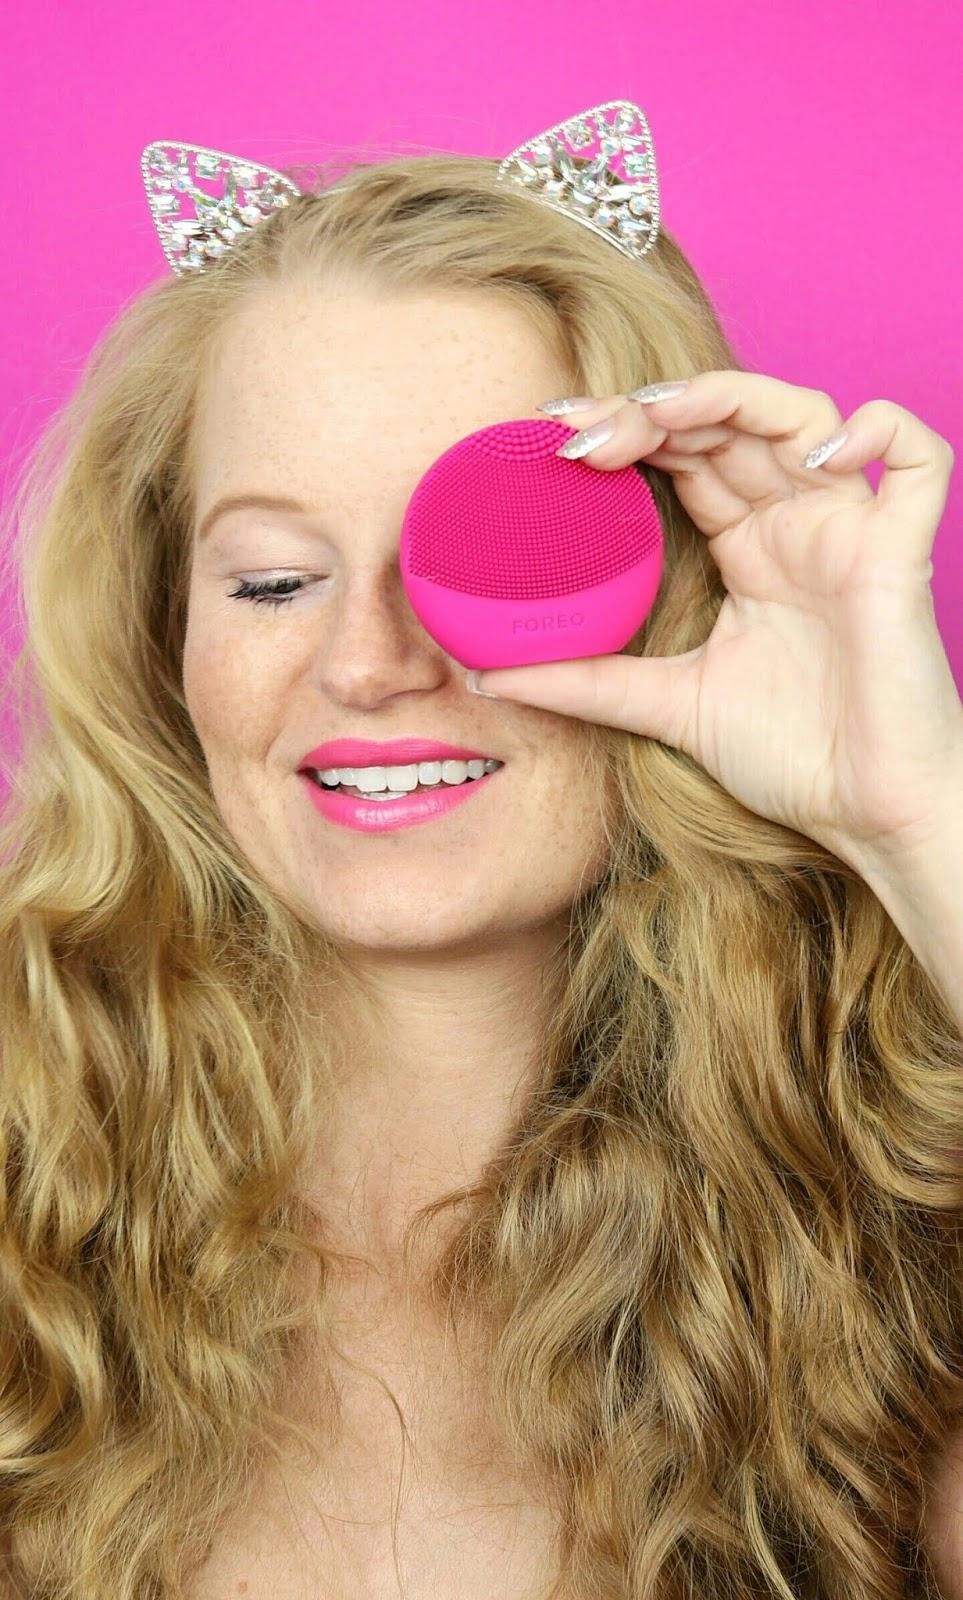 foreo luna fofo, personalisierte Hautpflegeroutine, smarte Gesichtsreinigung, elektrische gesichtsreinigungsbürste, hautpflege, review, silikonborsten, dm drogeriemarkt, reinigt porentief,